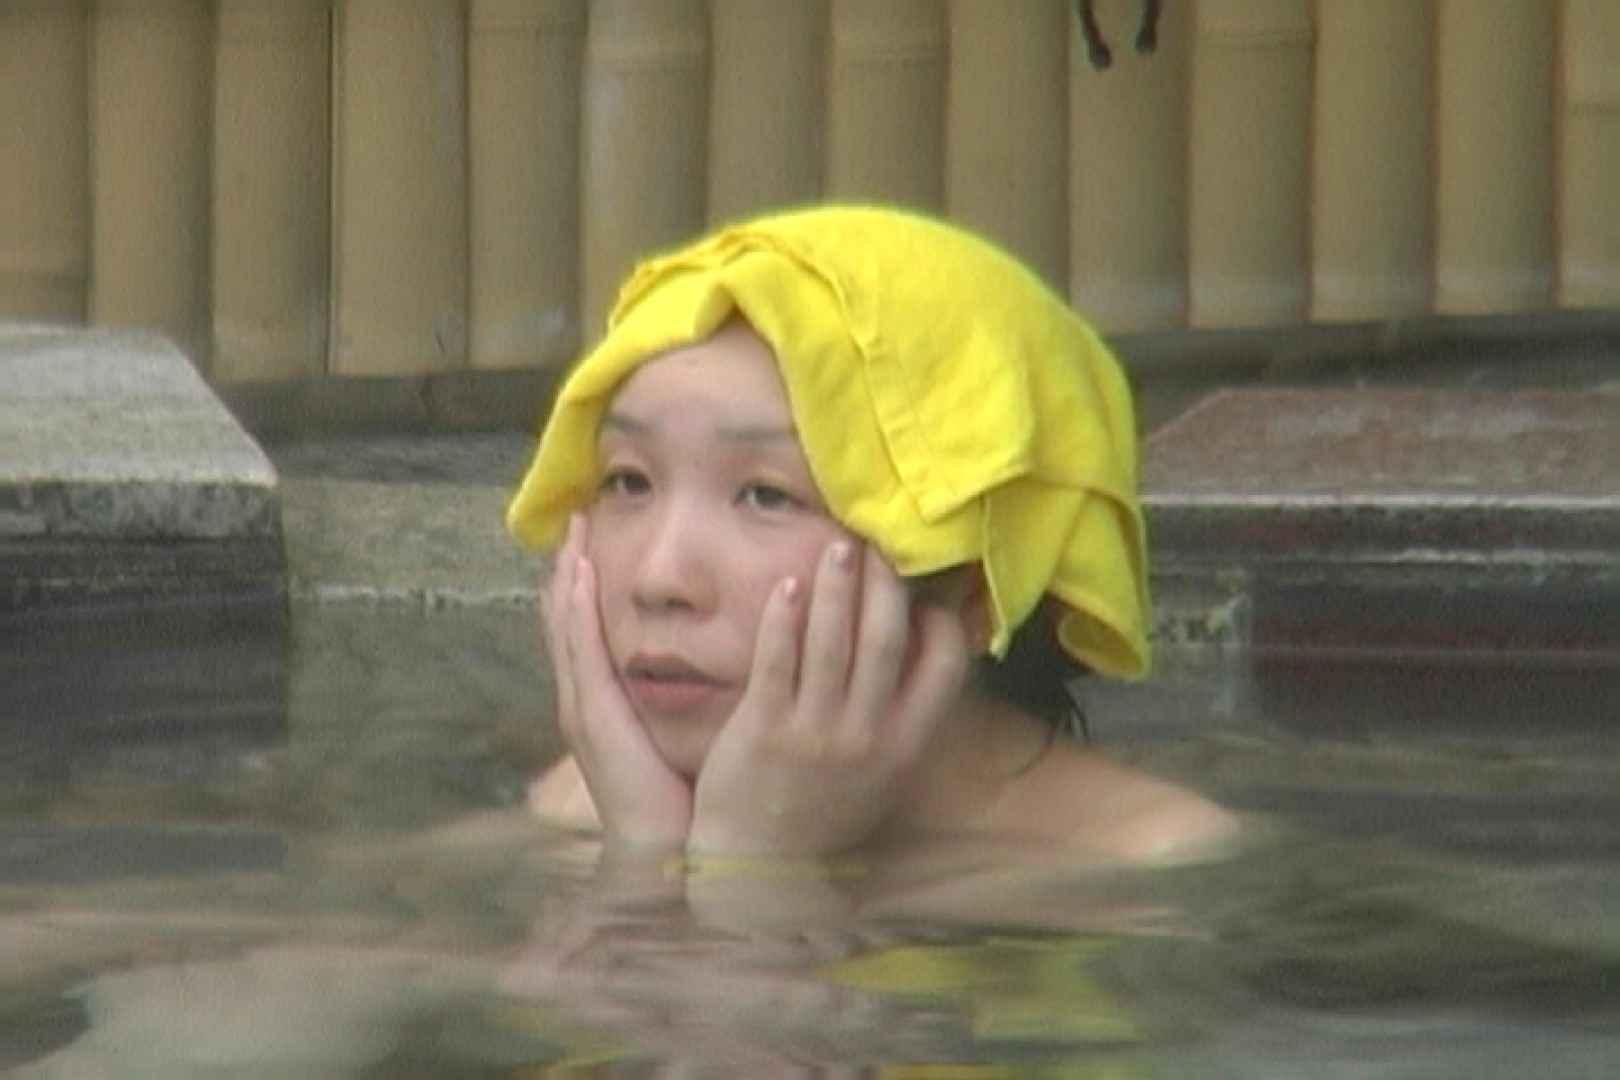 Aquaな露天風呂Vol.542 OLエロ画像  31PICs 30